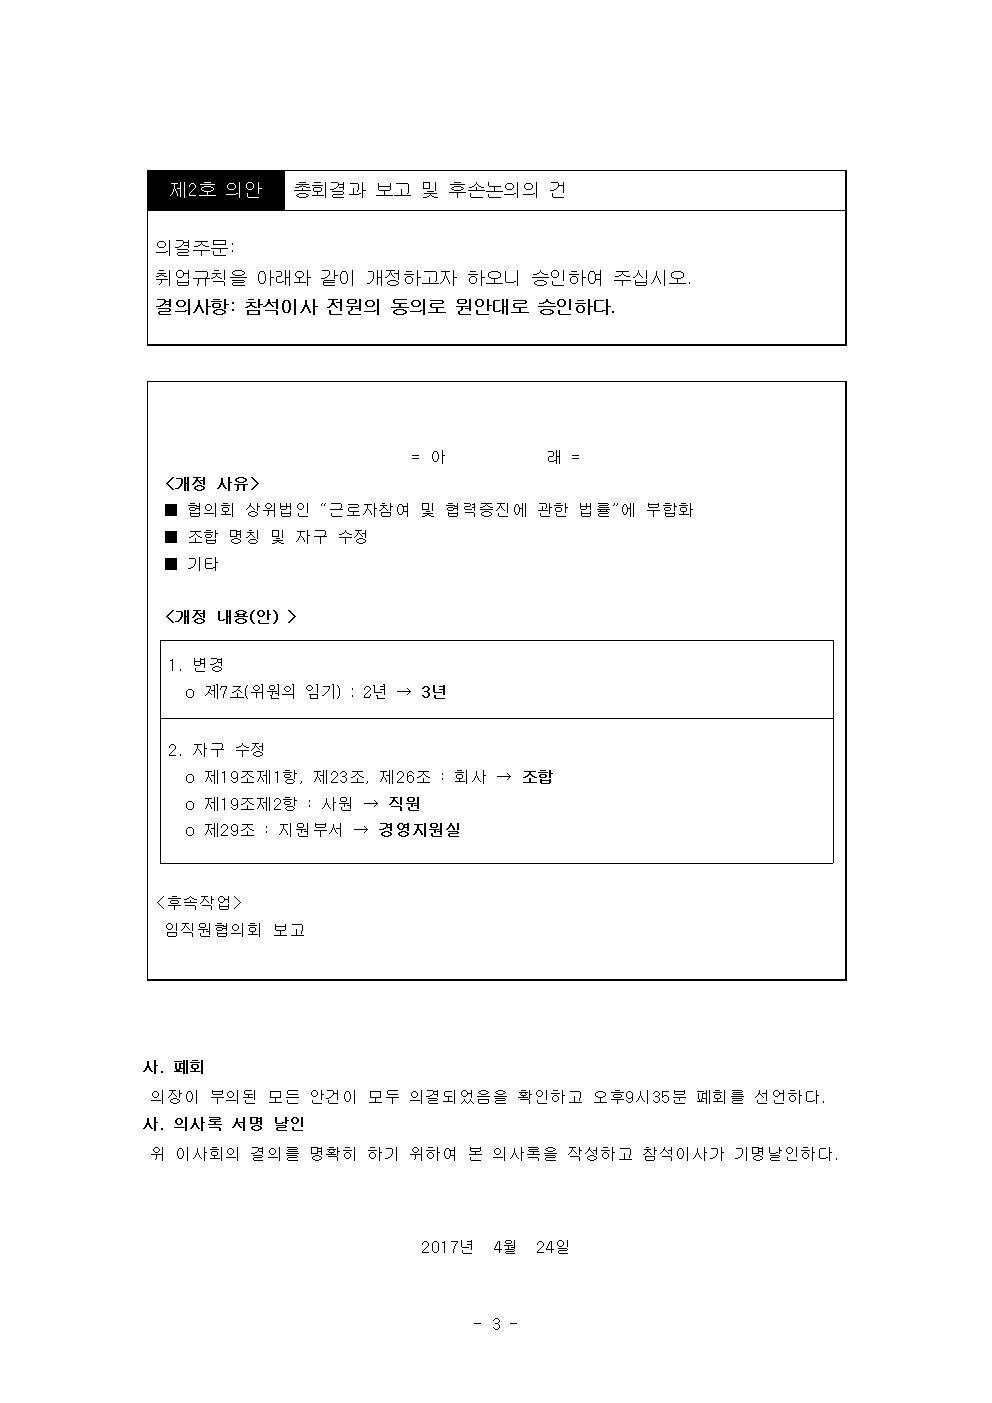 2017-4 정기이사회 회의록004.jpg